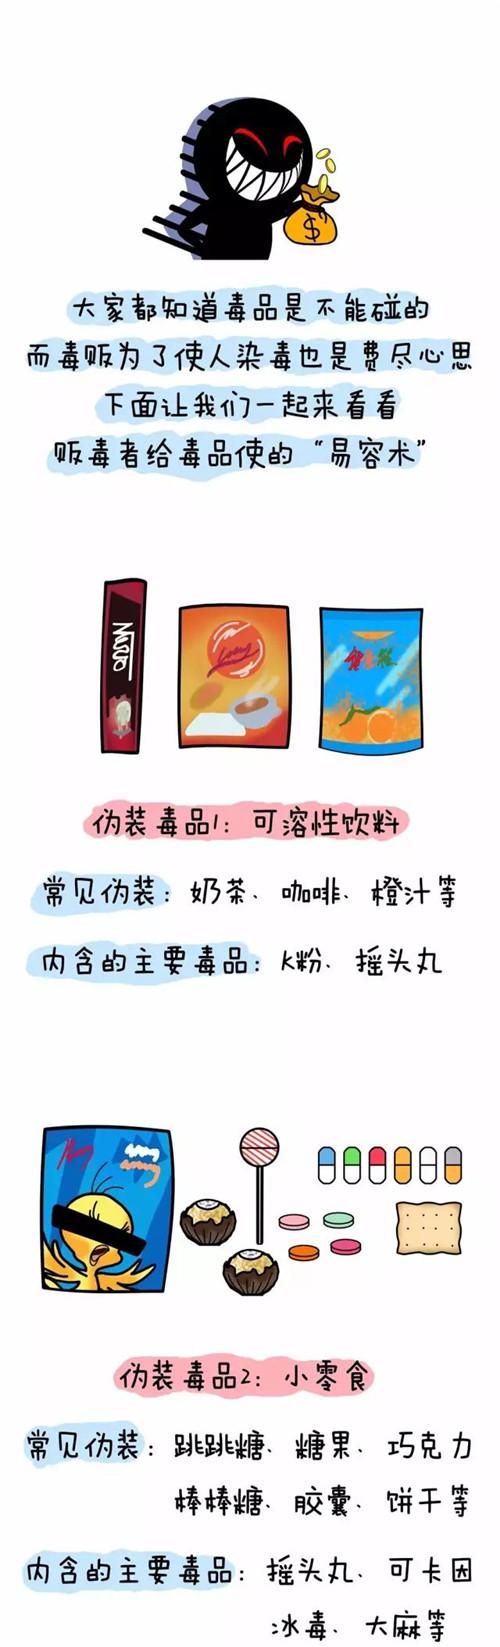 微信图片_20200330162056.jpg